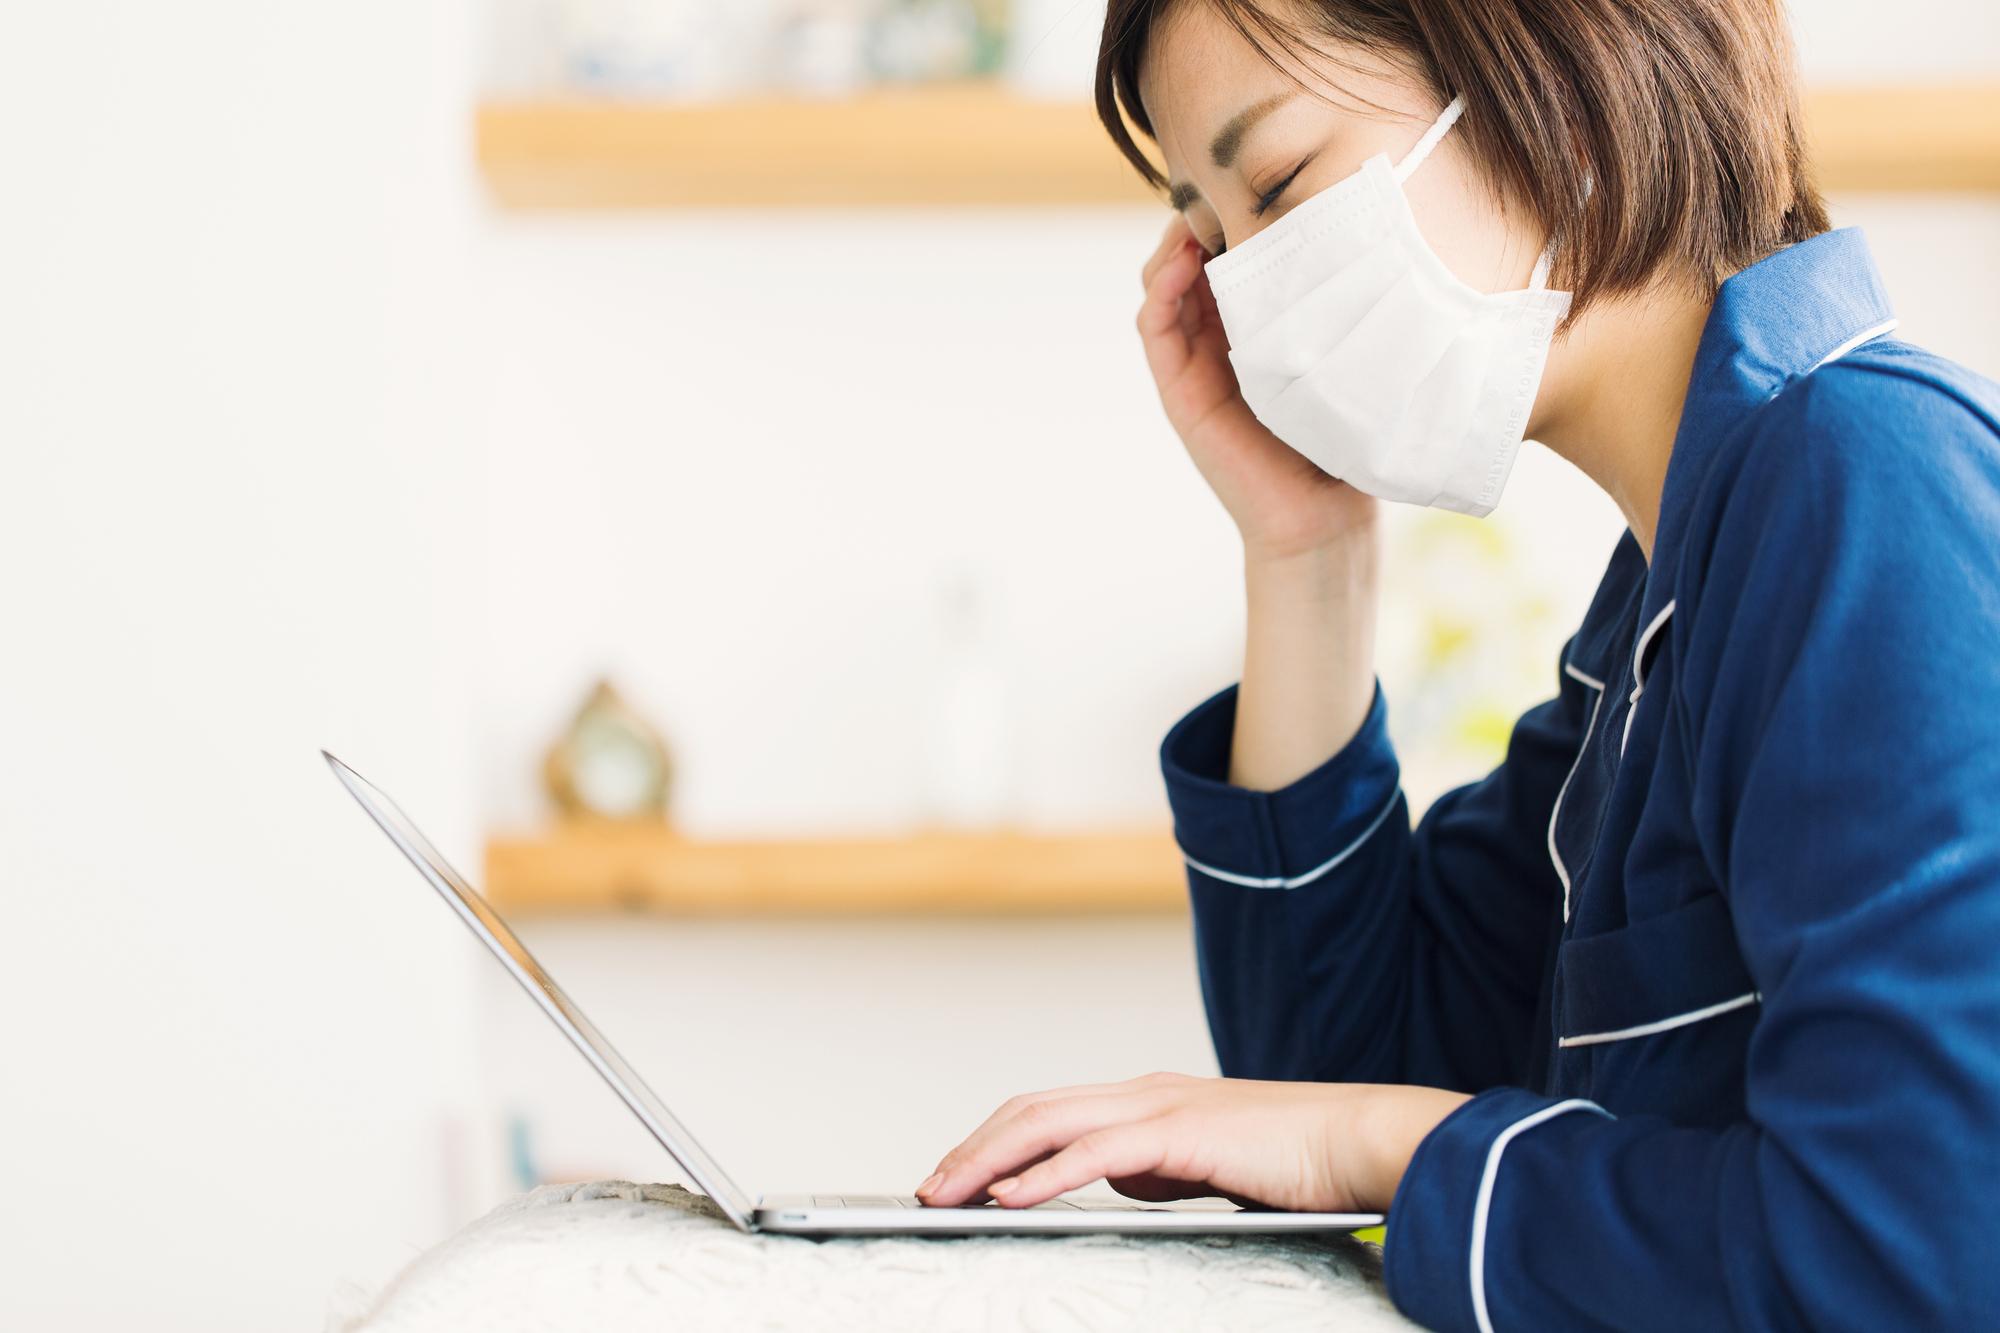 【エンジニアの悩み】パソコン作業で引き起こされる緊張型頭痛の改善方法のアイキャッチイメージ